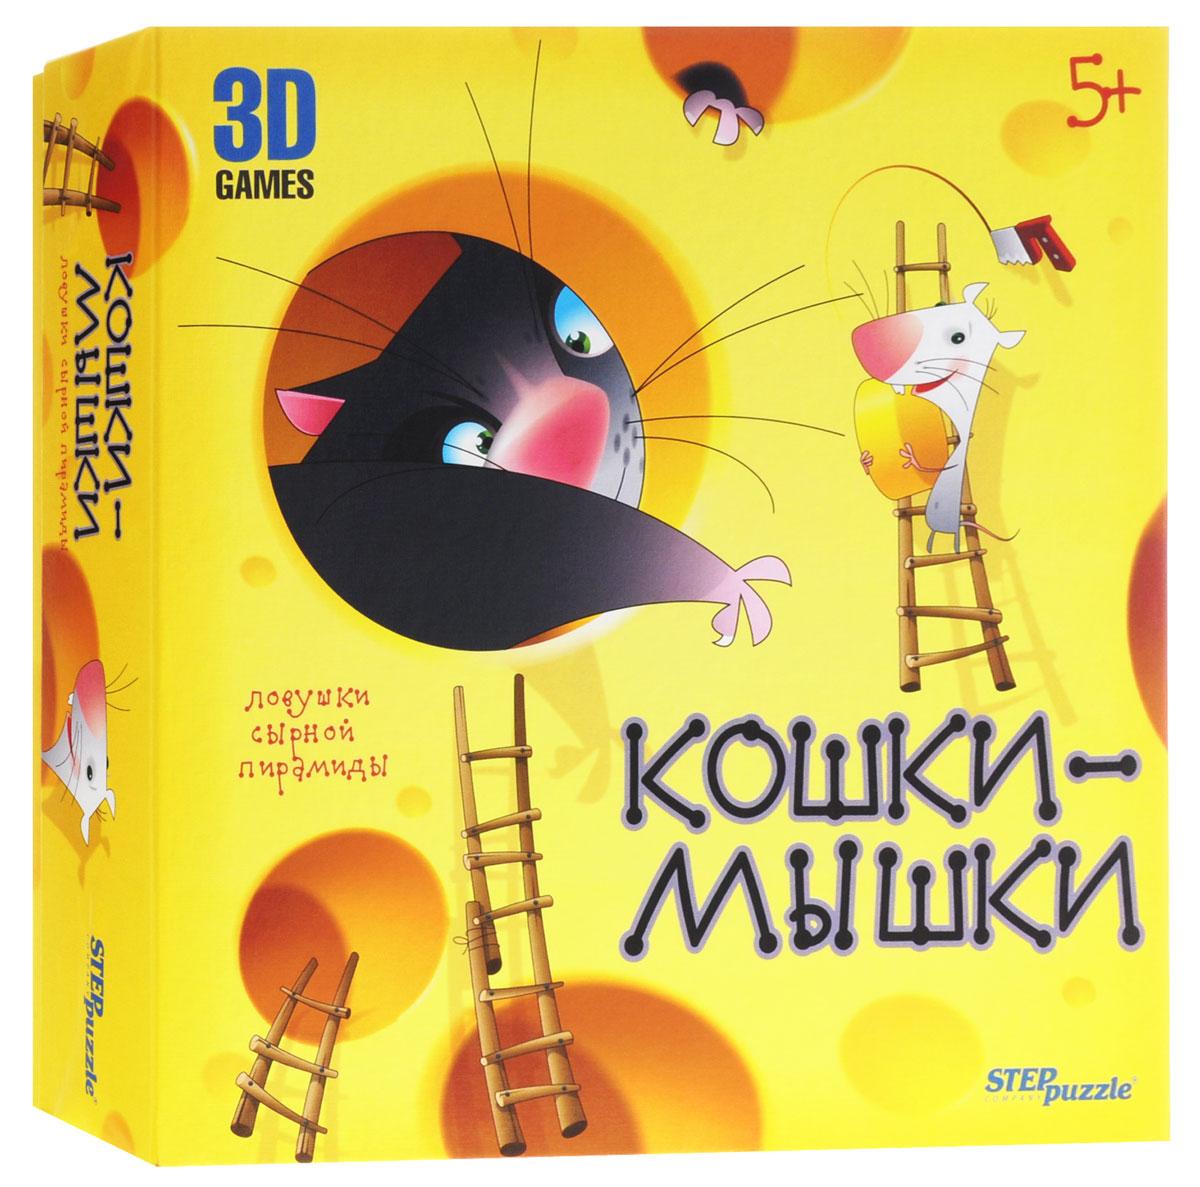 Step Puzzle Настольная игра Кошки-мышки76099Настольная игра Step Puzzle Кошки-мышки - это игра-бродилка. Но необычная, а выполненная с использованием 3D технологий. Такое техническое решение позволяет проводить игру не в одномерной плоскости, а в трехмерном пространстве. 3D пространство делает игровое действие еще более интересным и захватывающим. Играя в эту игру, ребенок развивает мелкую моторику, тренирует внимание, память, развивает глазомер, получает навыки моделирования. Игра также дает первичное представление о цифрах и навыки счета. Будет интересна не только детям, но и их родителям! Цель игры: первым дойти до вершины сырной пирамиды и набрать наибольшее количество очков. Перед тем как начать игру необходимо собрать саму 3D пирамиду. Это можно сделать, следуя описанию и картинкам в инструкции. Средняя продолжительность игры составляет: 15-25 минут.